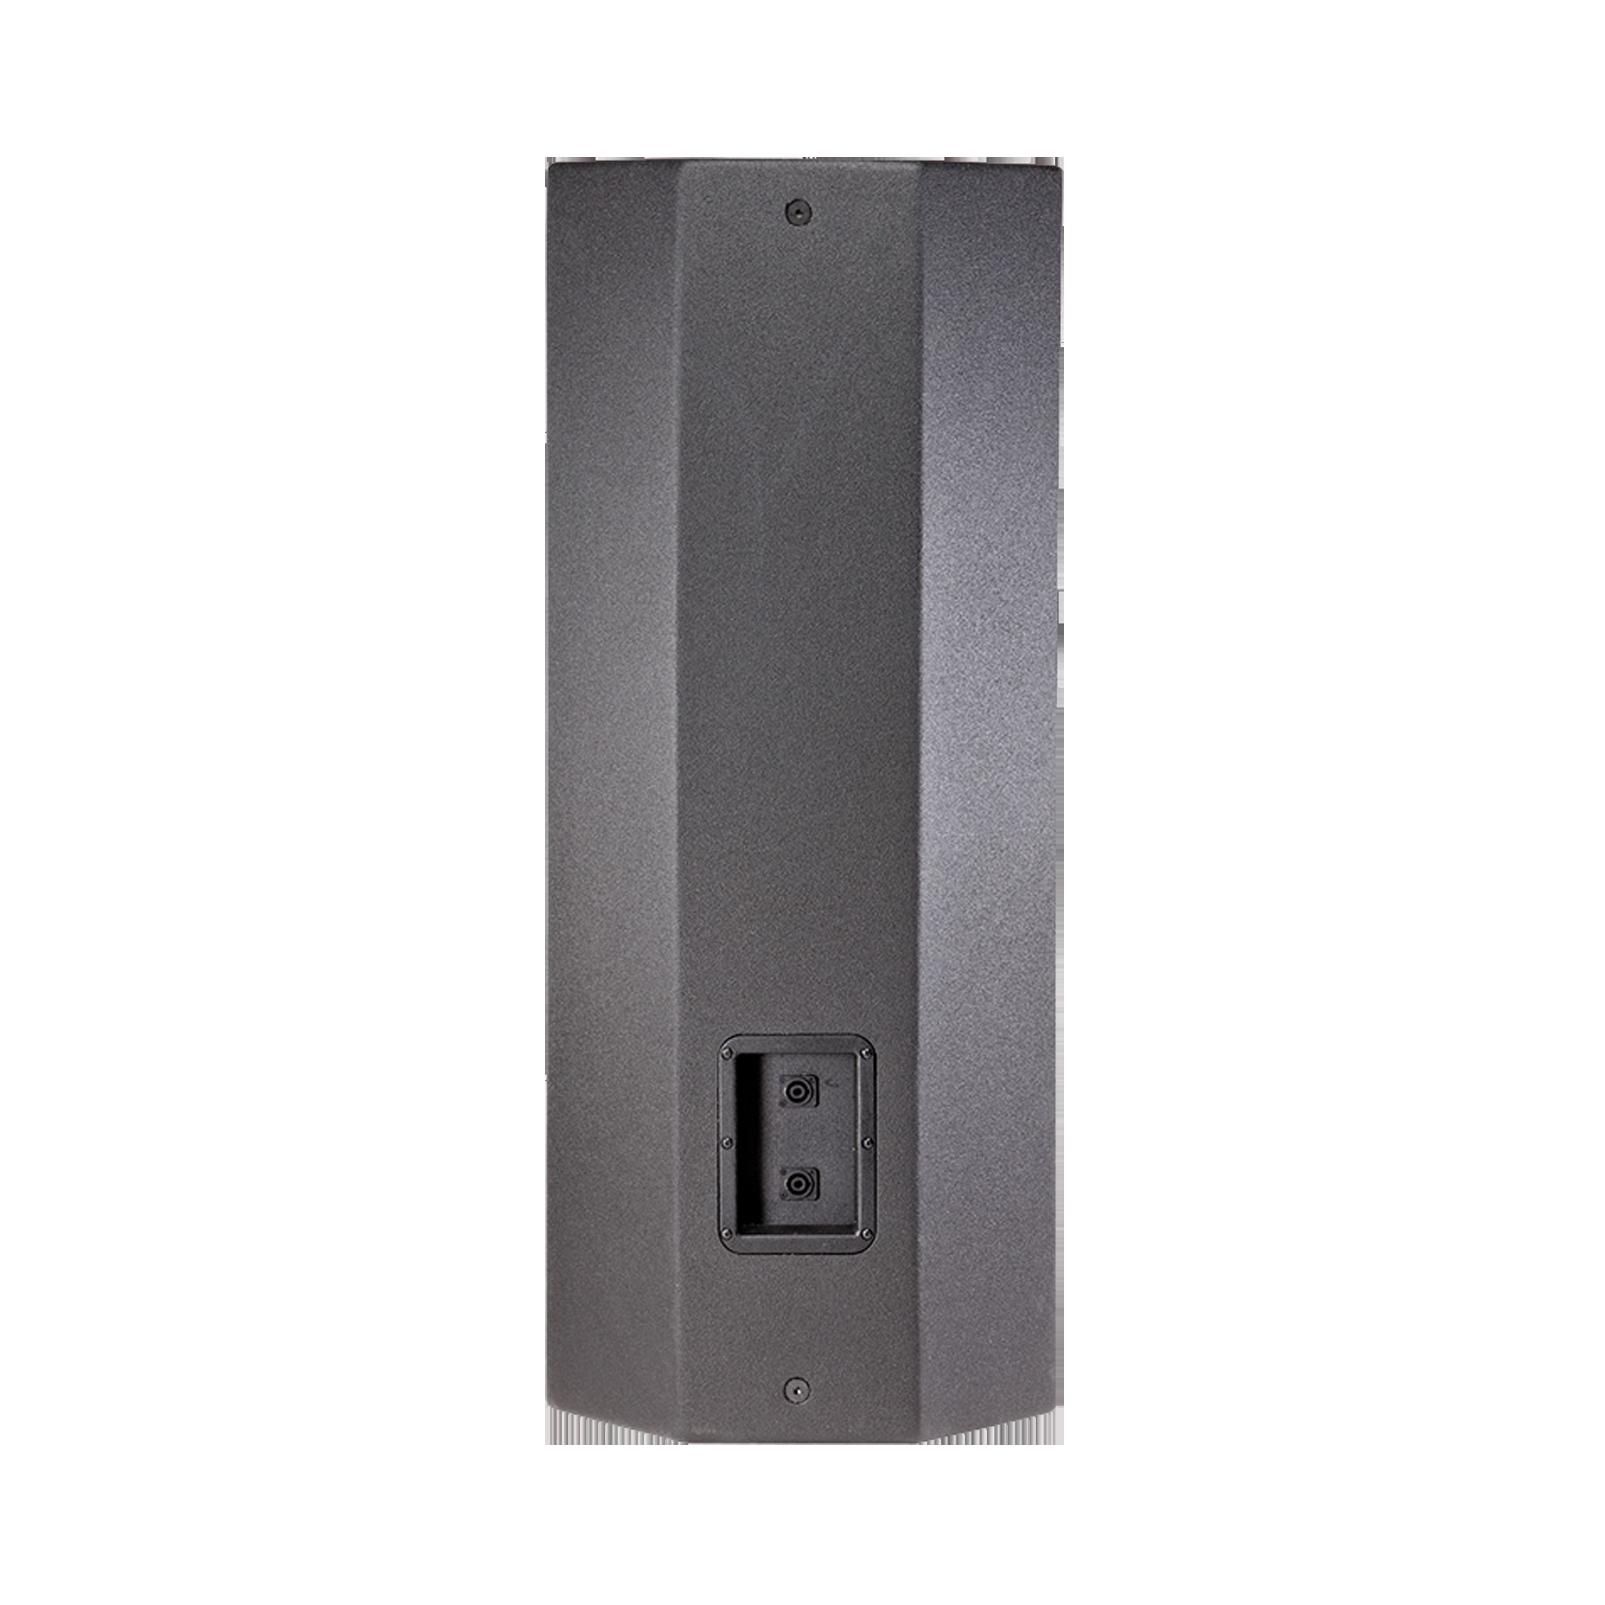 jbl prx425 15 two way loudspeaker system. Black Bedroom Furniture Sets. Home Design Ideas